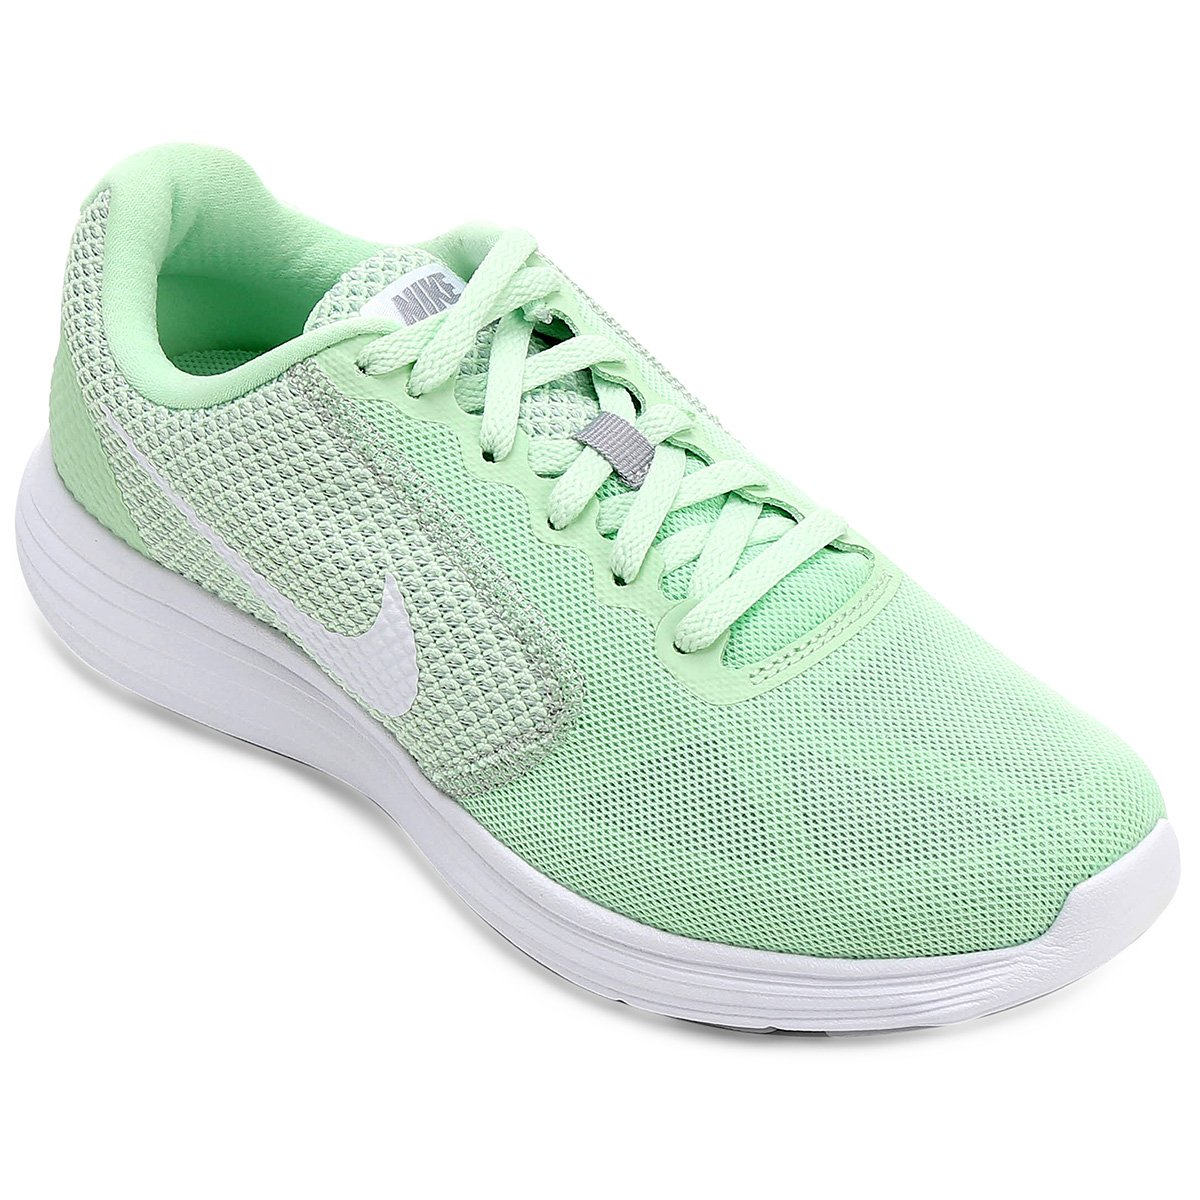 86274ce2ef Tênis Nike Revolution 3 Feminino - Verde e Branco - Compre Agora ...